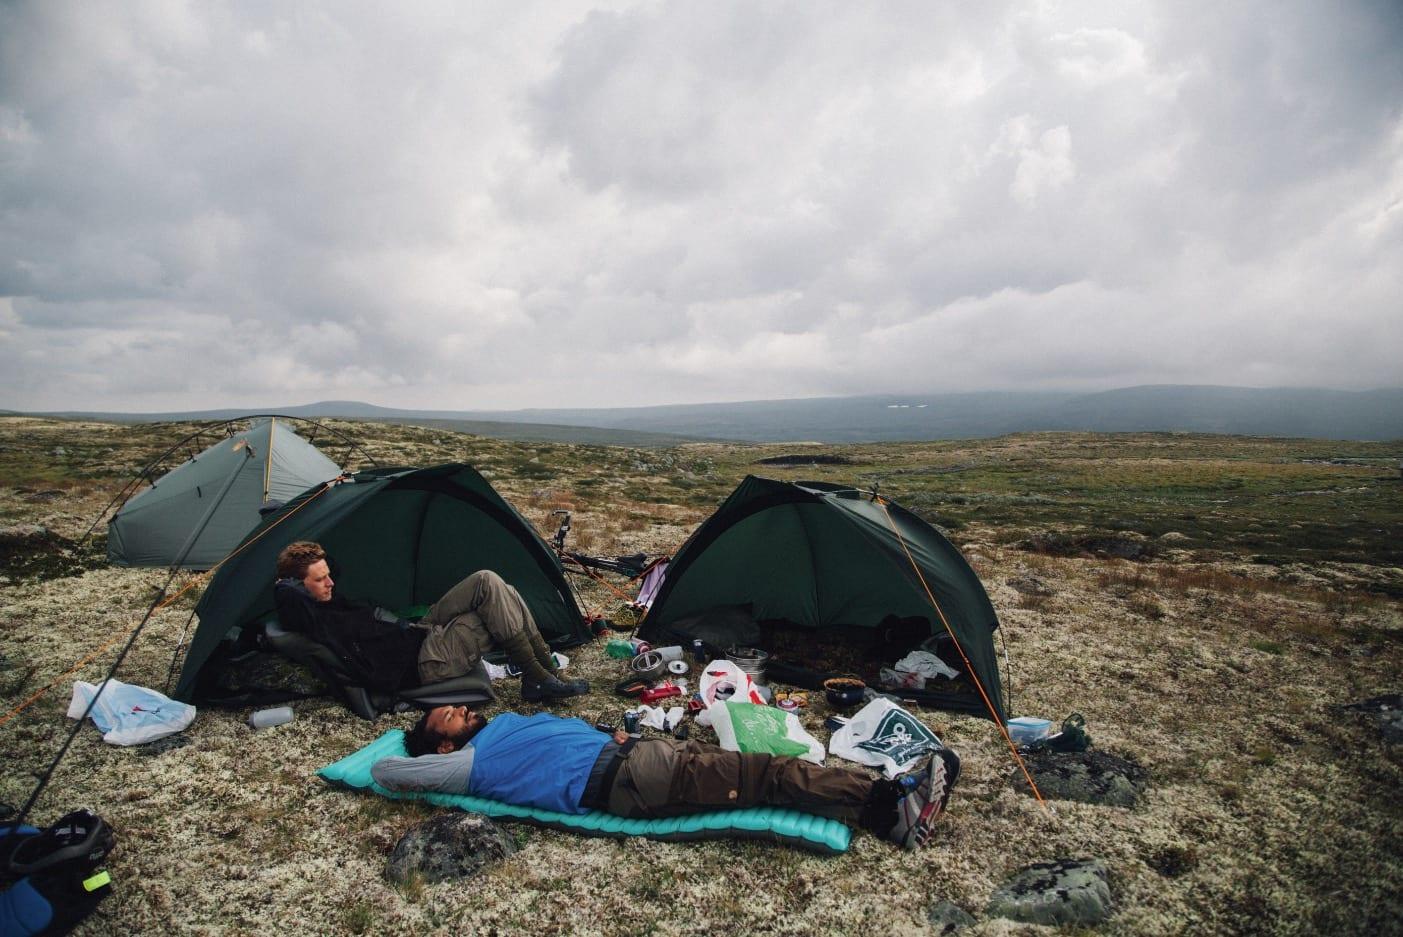 HVILEPAUSE: Ved Dyranut tok vi en velfortjent hvile og fiskedag